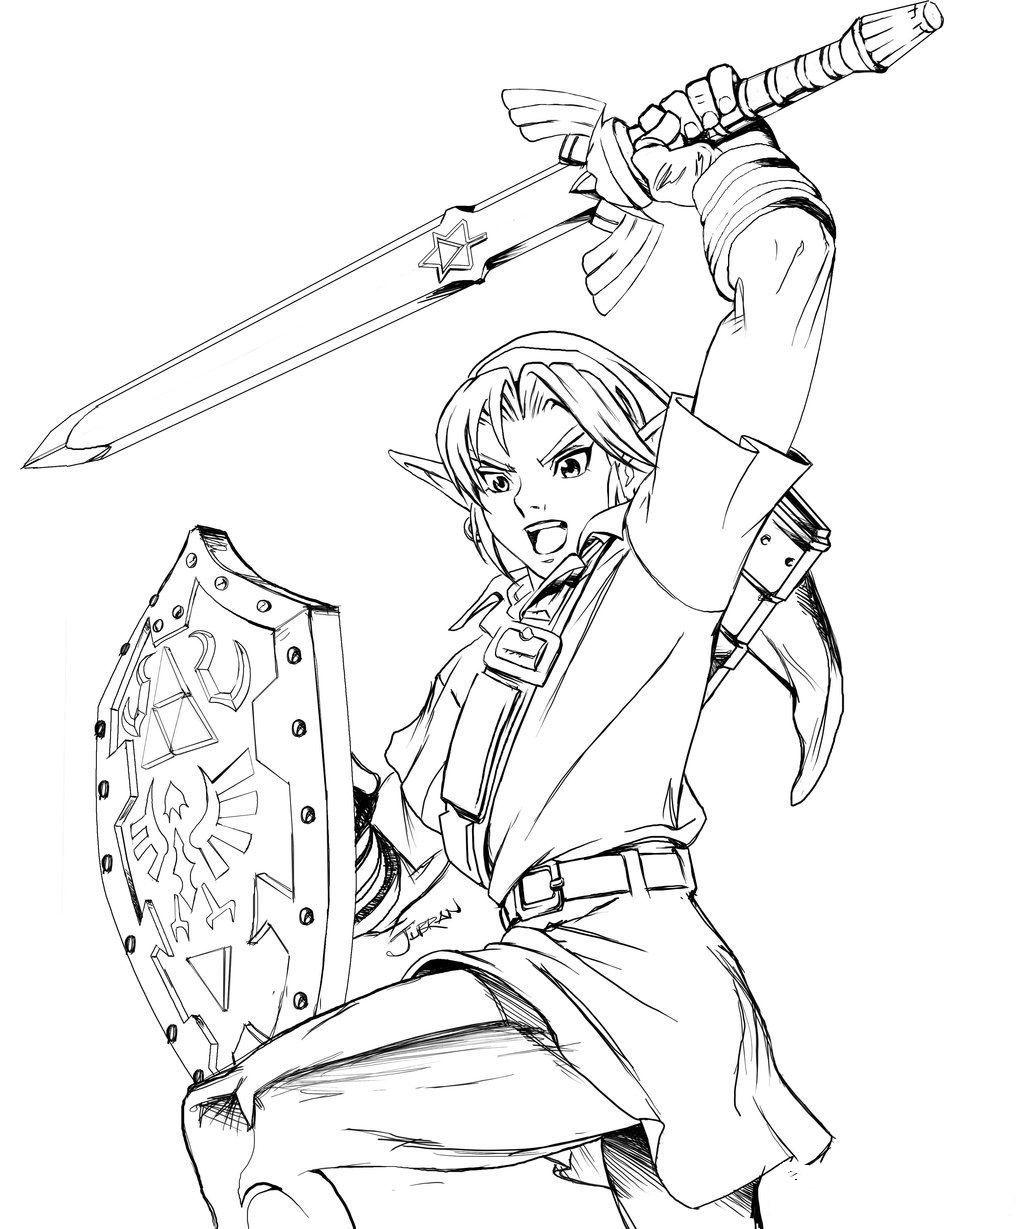 Pin Von Super Malvorlagen Auf Zelda Malvorlagen Malvorlagen Zum Ausdrucken Ausmalbilder Zum Drucken Ausmalbilder Zum Ausdrucken